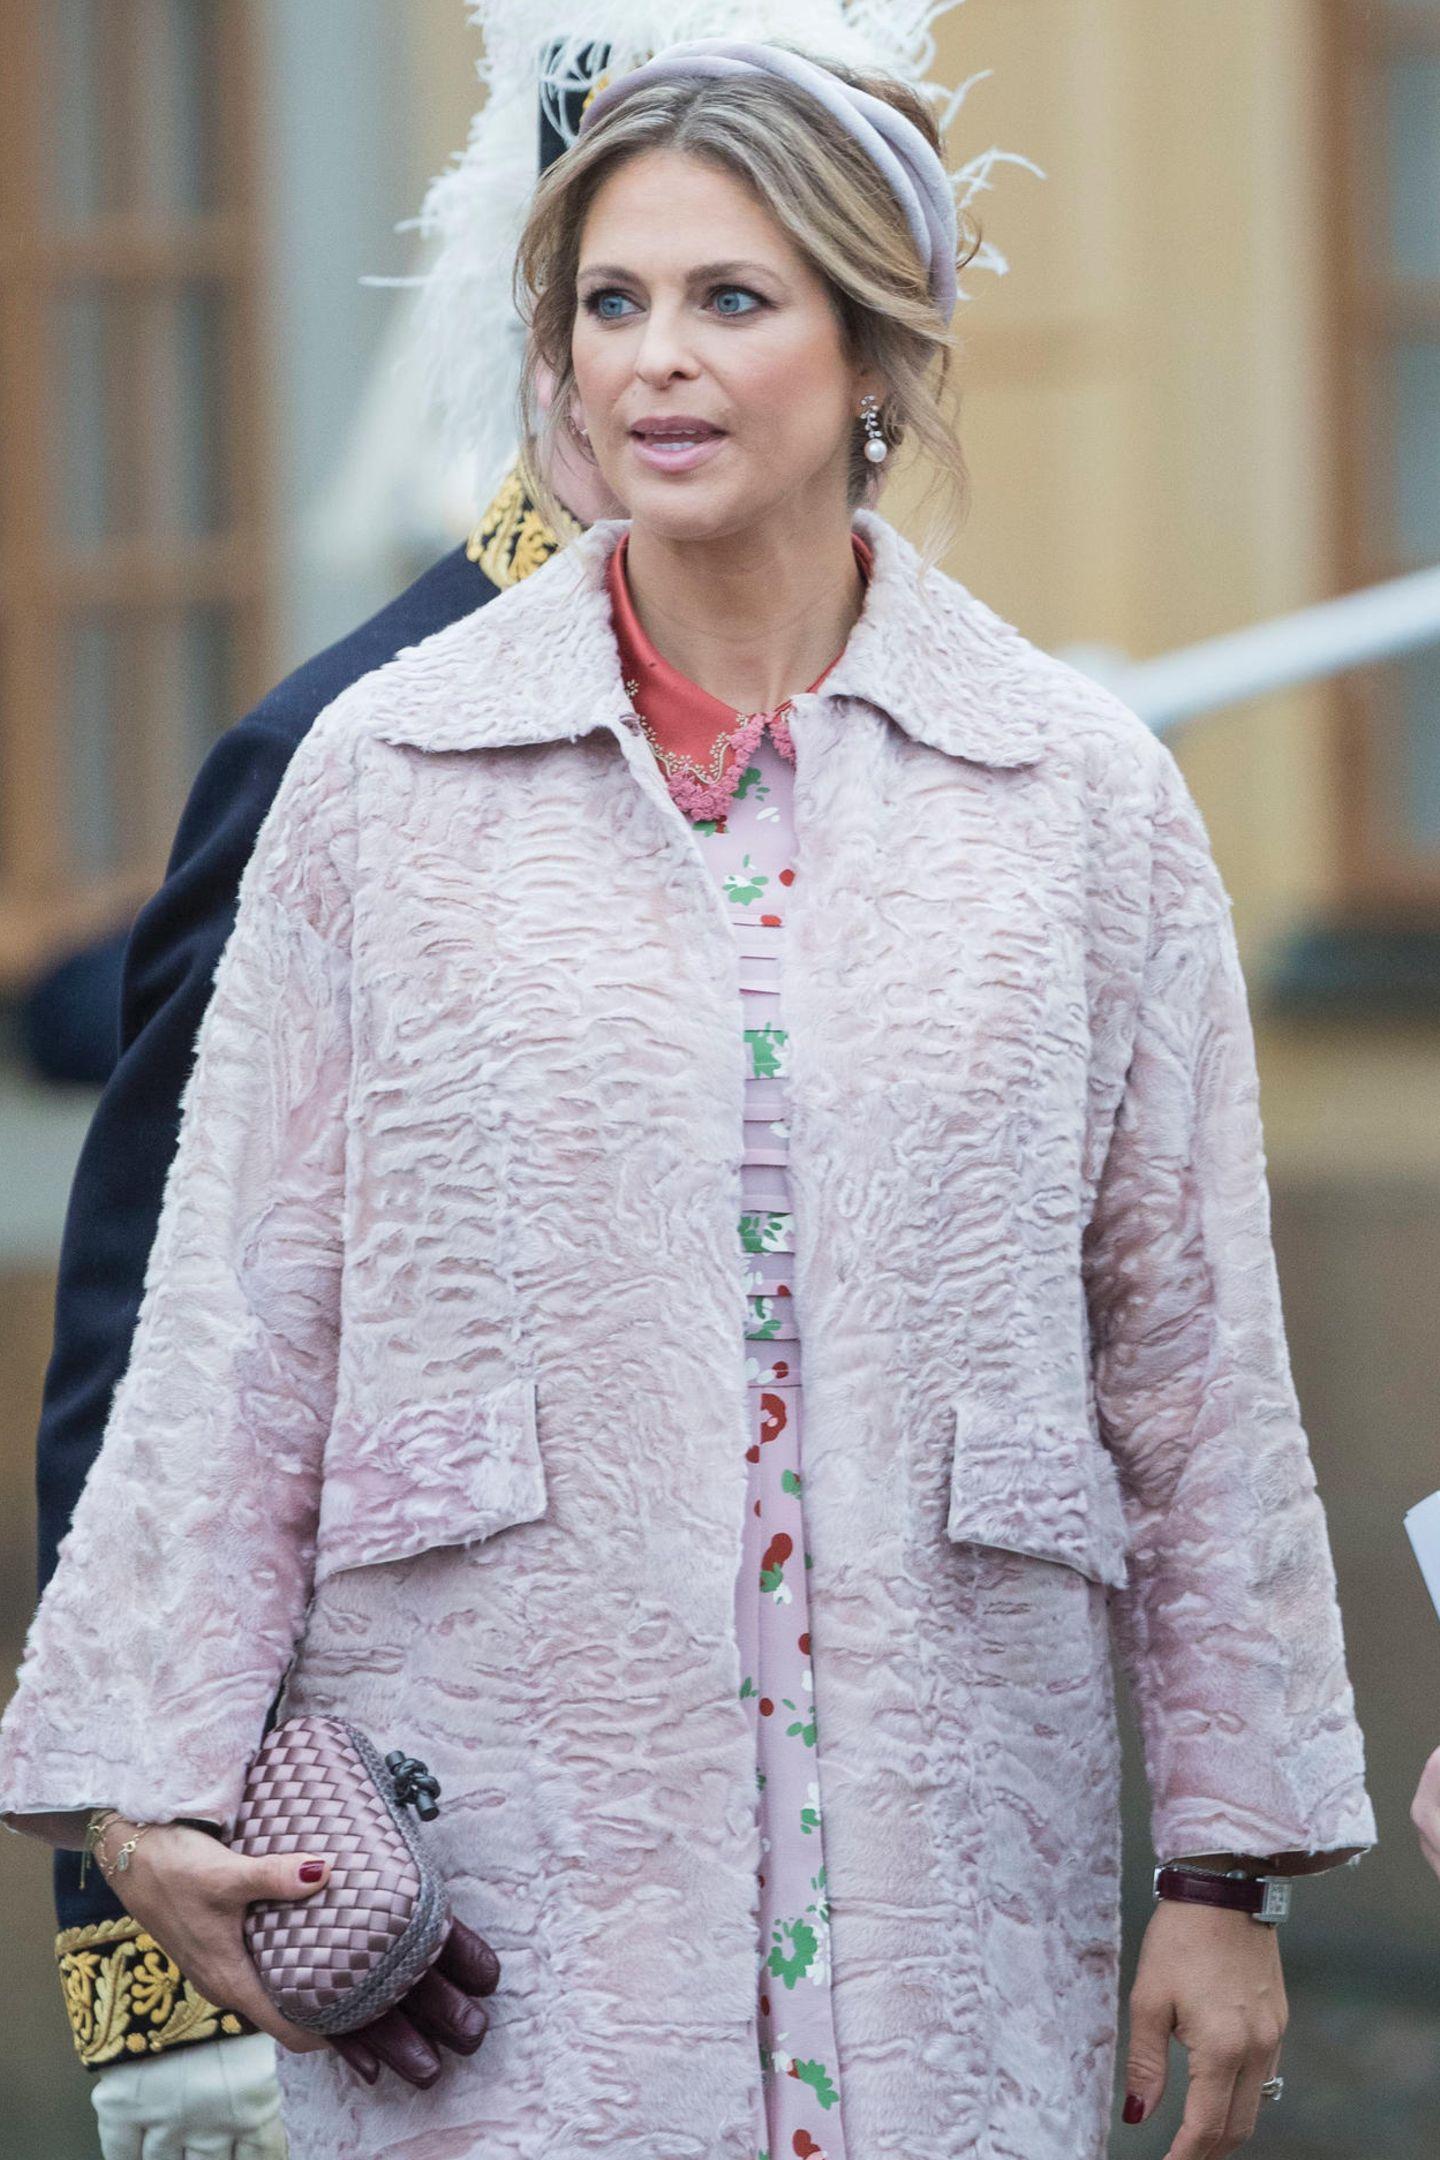 """Madeleine liebt das Modell der italienischen Traditionsmarke sogar so sehr, dass sie es gleich in zwei Farben besitzt. Die rosa """"Knot"""" aus Seide (ca. 1.400 Euro) trägt sie jedoch etwas seltener als ihr dunkler Zwilling."""